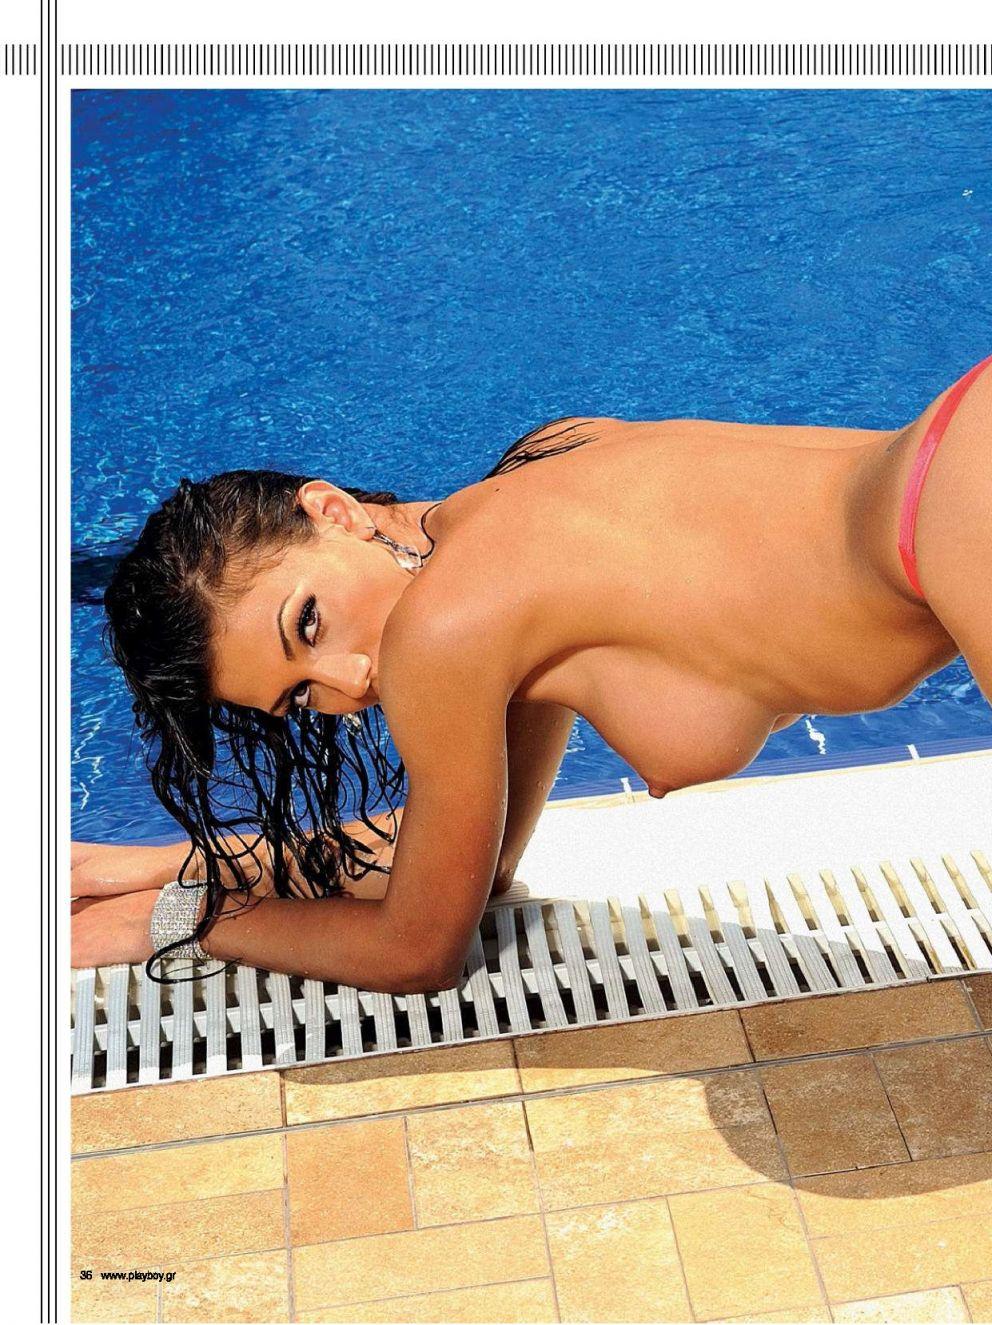 Nude Pics Of Megi Koleva